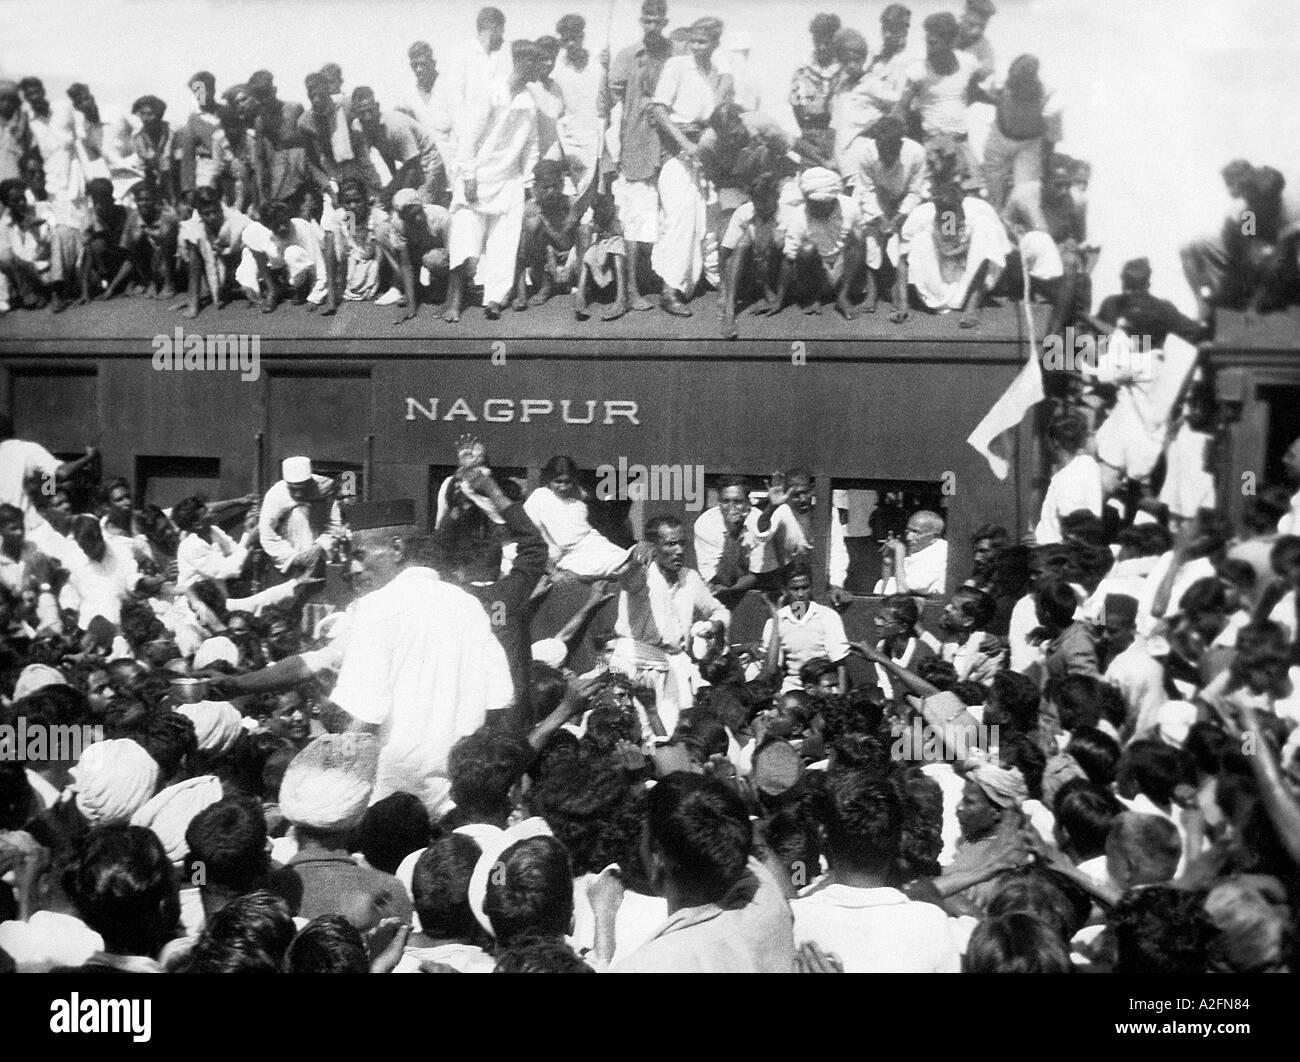 Il Mahatma Gandhi in un affollato treno stazione sul suo modo di Calcutta West Bengal India - Ottobre 1937 - MKG 33403 Immagini Stock